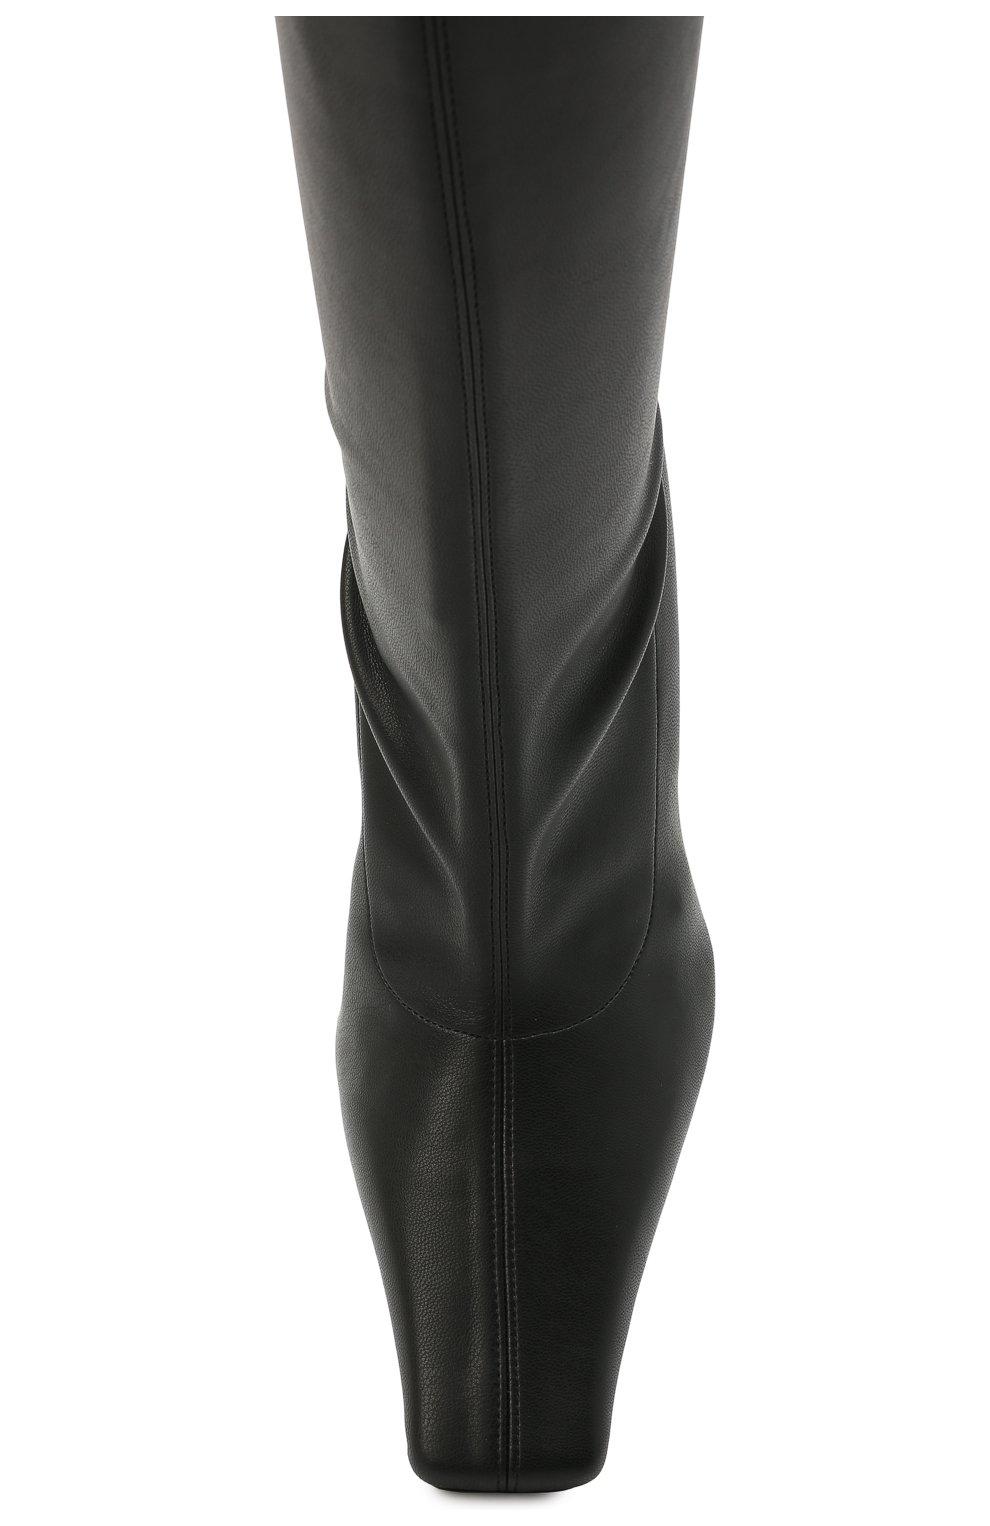 Женские комбинированные ботфорты PROENZA SCHOULER черного цвета, арт. PS35212B/12310   Фото 5 (Материал внешний: Экокожа, Текстиль; Каблук высота: Высокий; Высота голенища: Высокие; Материал внутренний: Натуральная кожа; Каблук тип: Устойчивый; Подошва: Плоская)